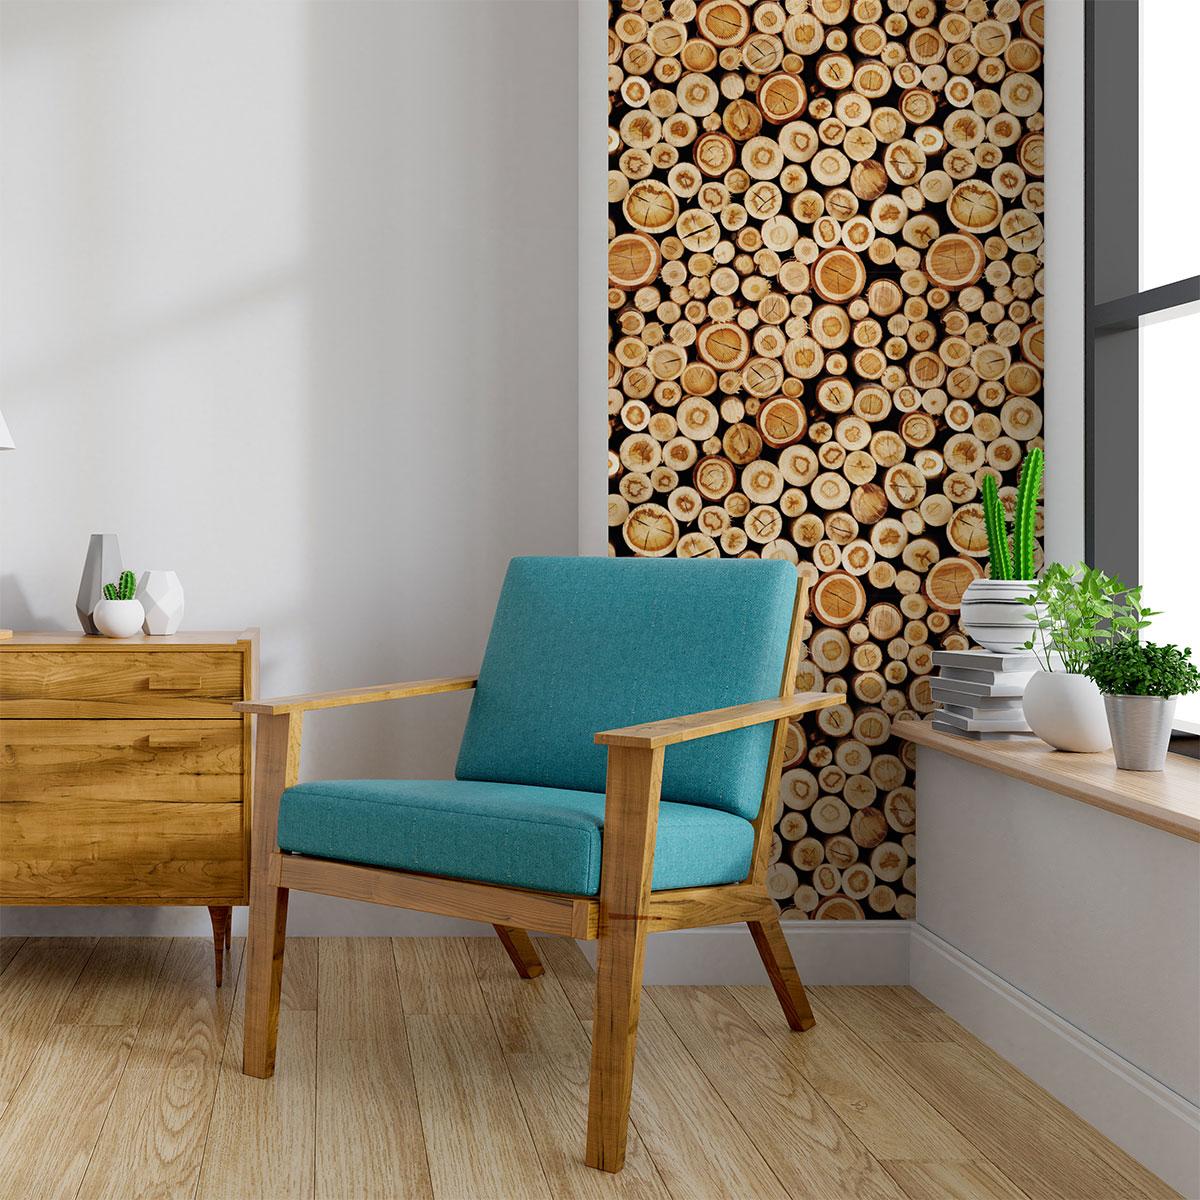 Papier Peint Trompe L Oeil Plafond sticker papier peint rondins de bois du canada